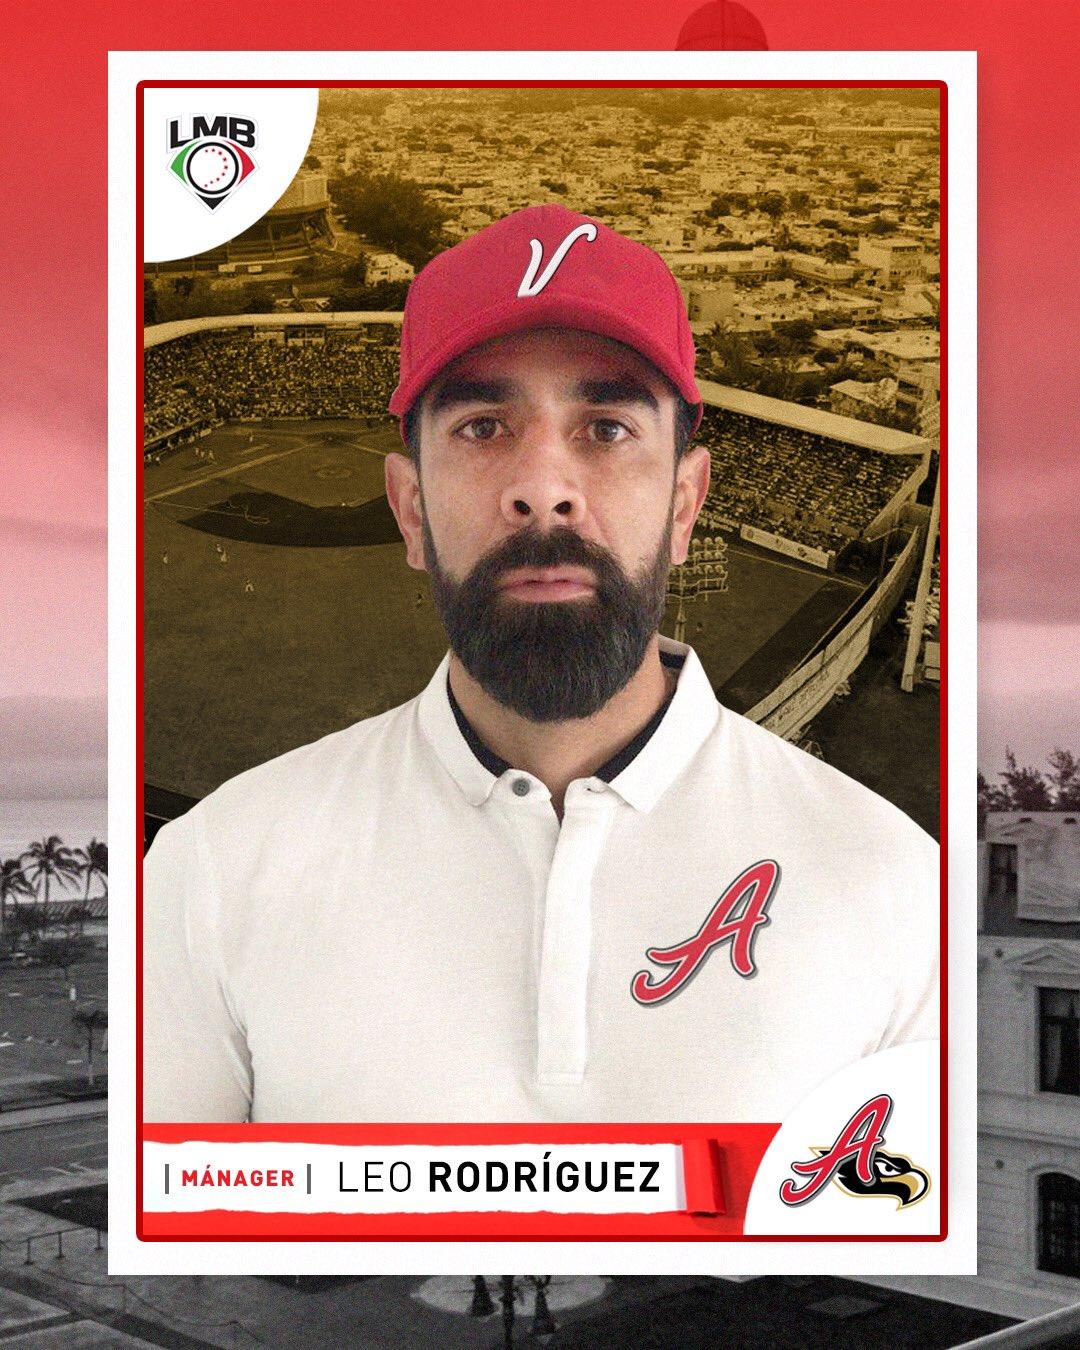 Leo Rodríguez es anunciado como el mánager del Águila de Veracruz, ganó el título de 2012 como jugador del equipo